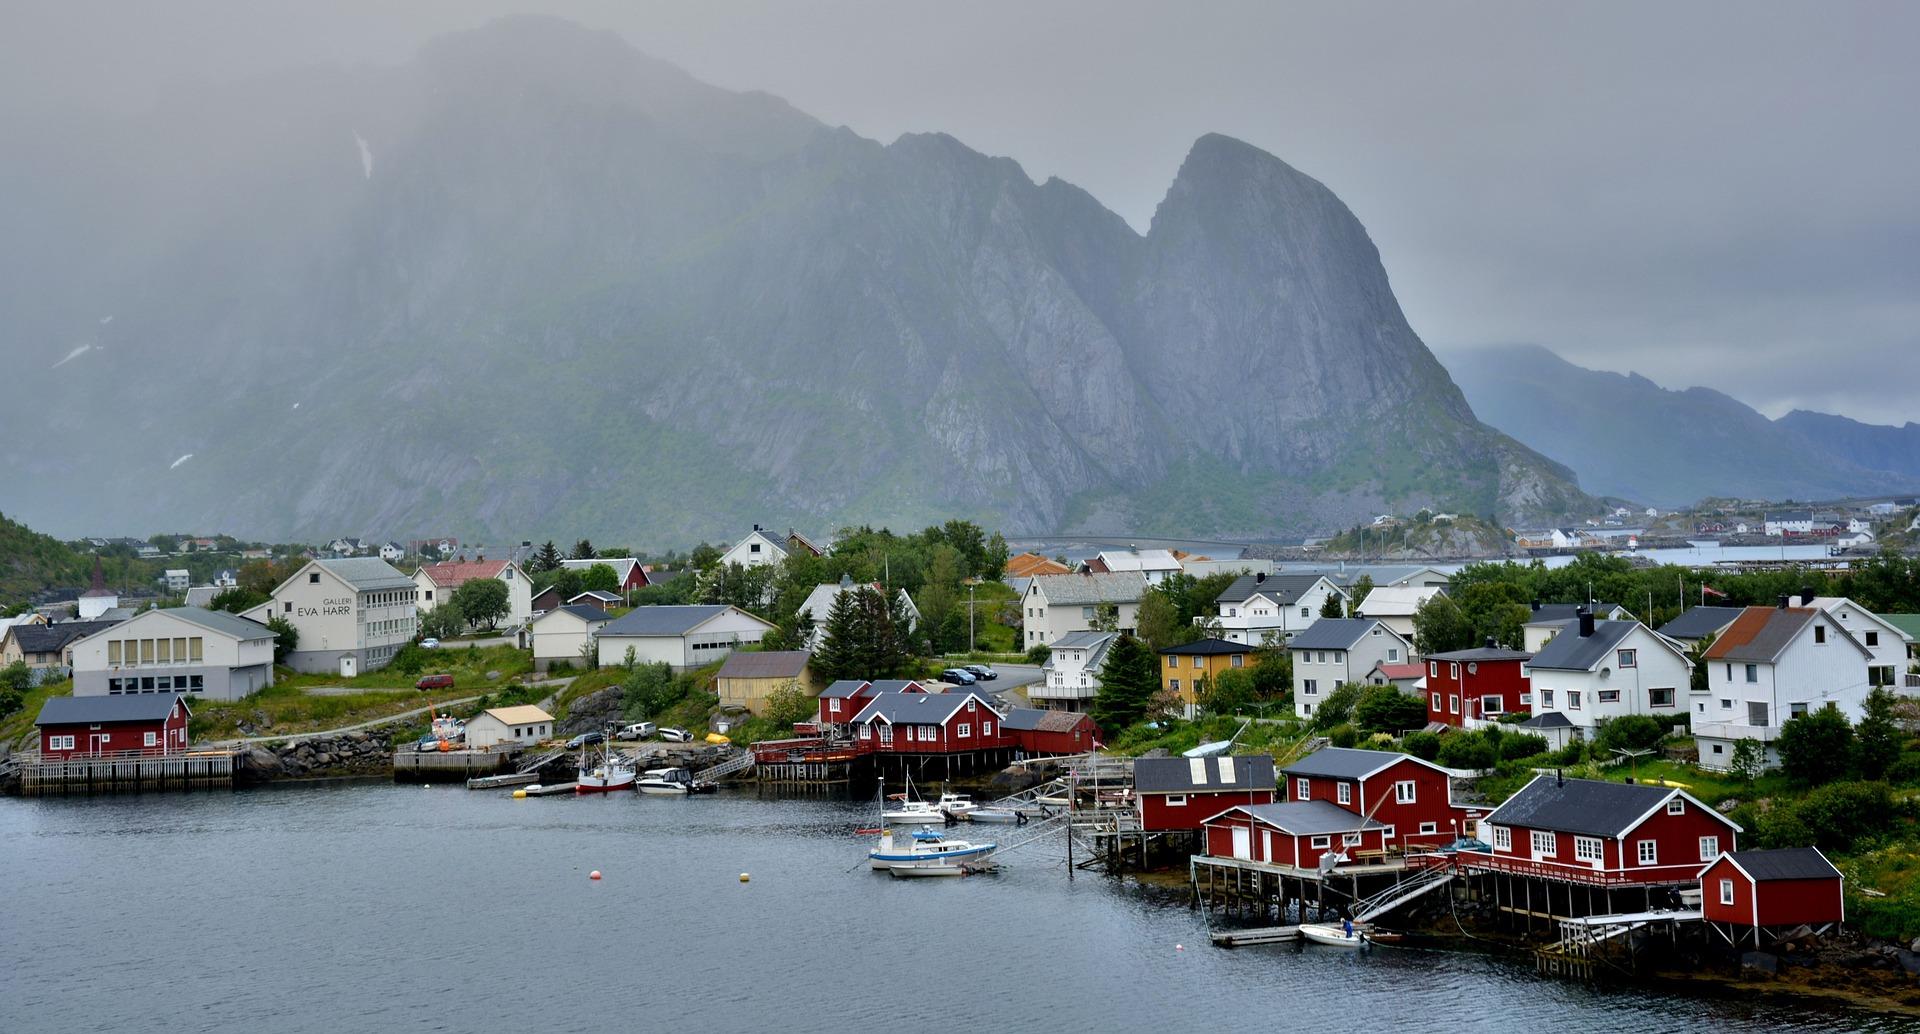 lofoty norwegia domki - pixabay